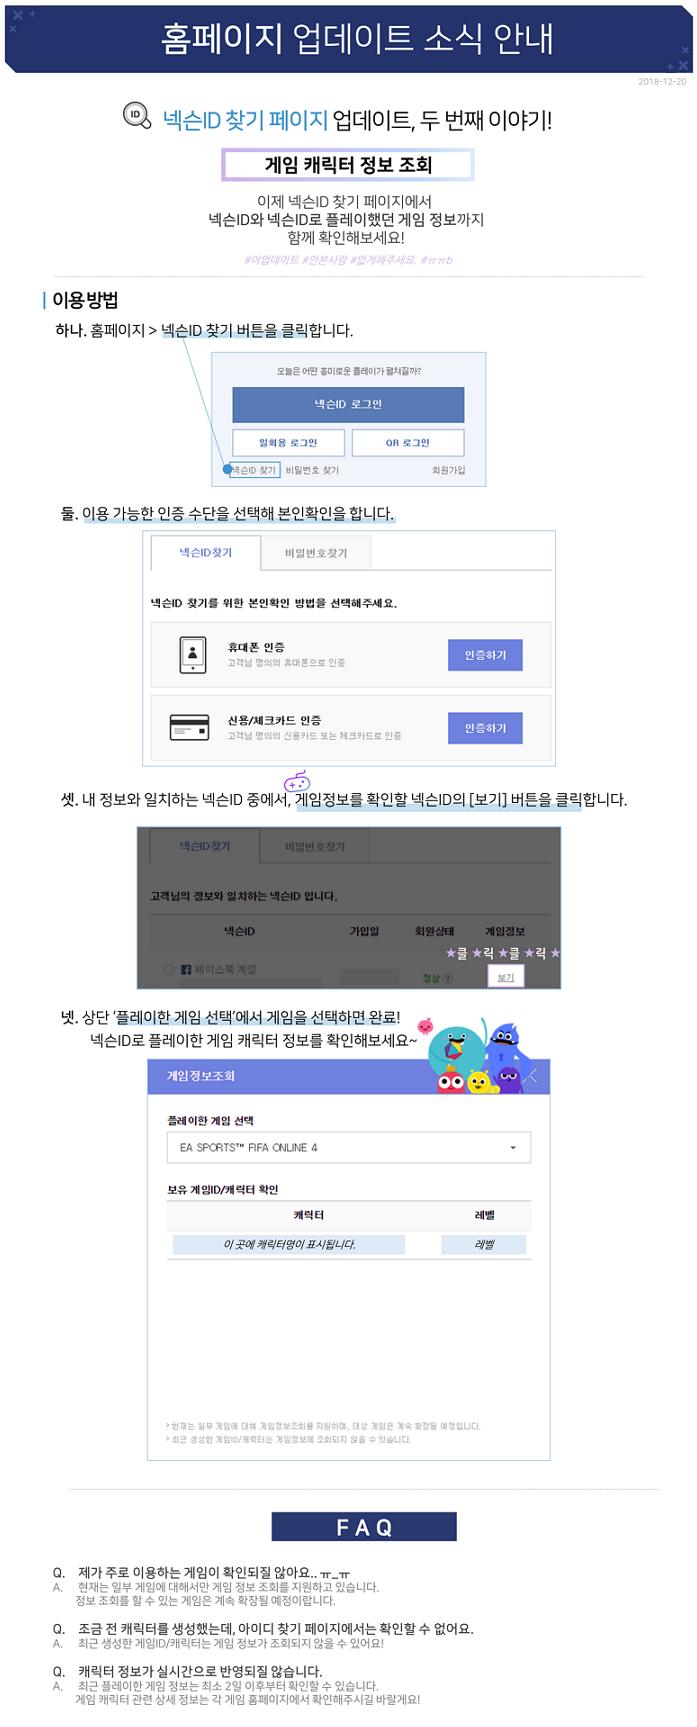 넥슨홈페이지 아이디찾기 기능 업데이트